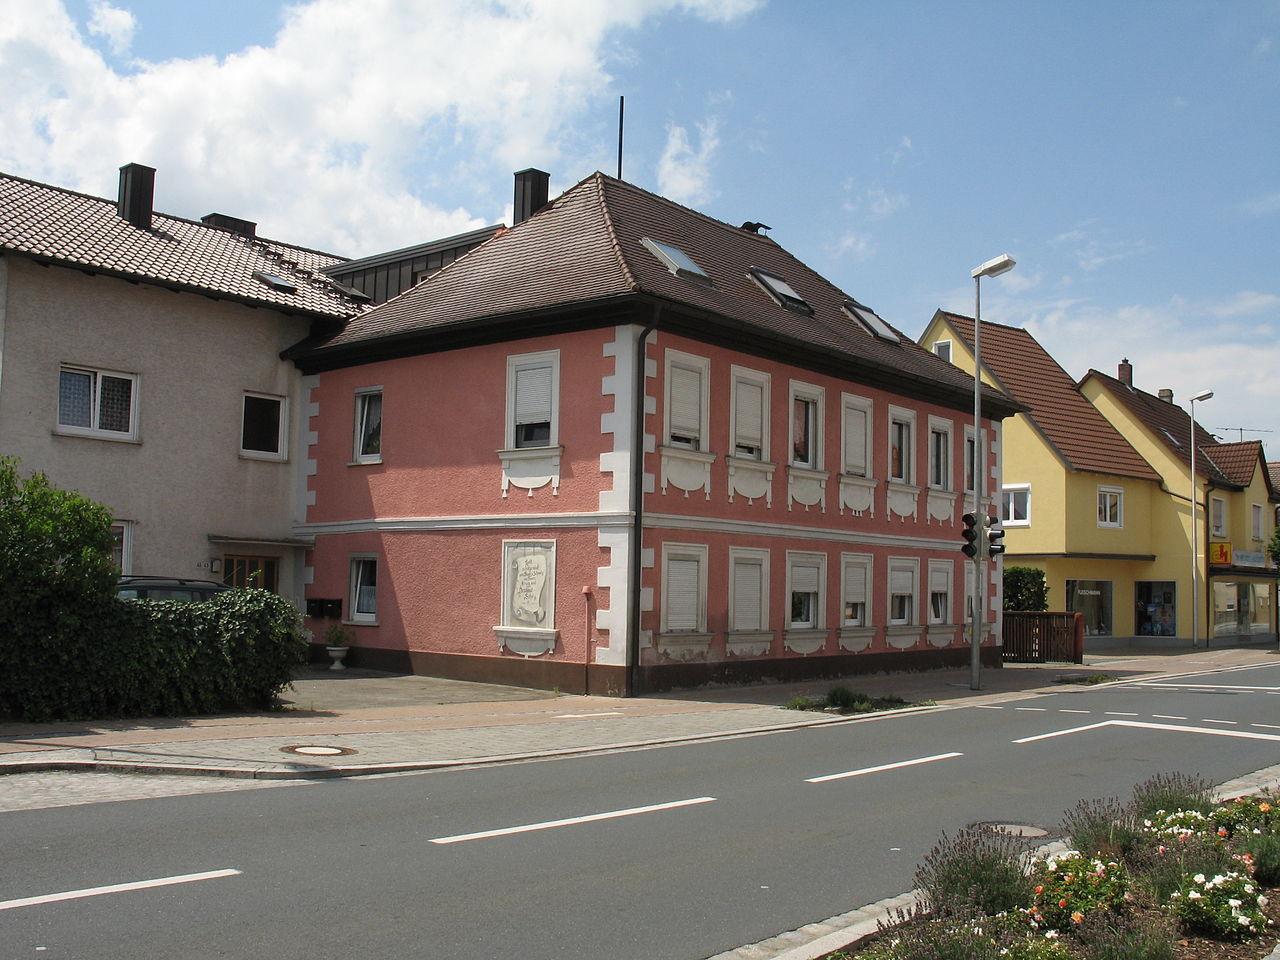 1280px-Hirschaid_Nürnberger_Straße_043_002.jpg